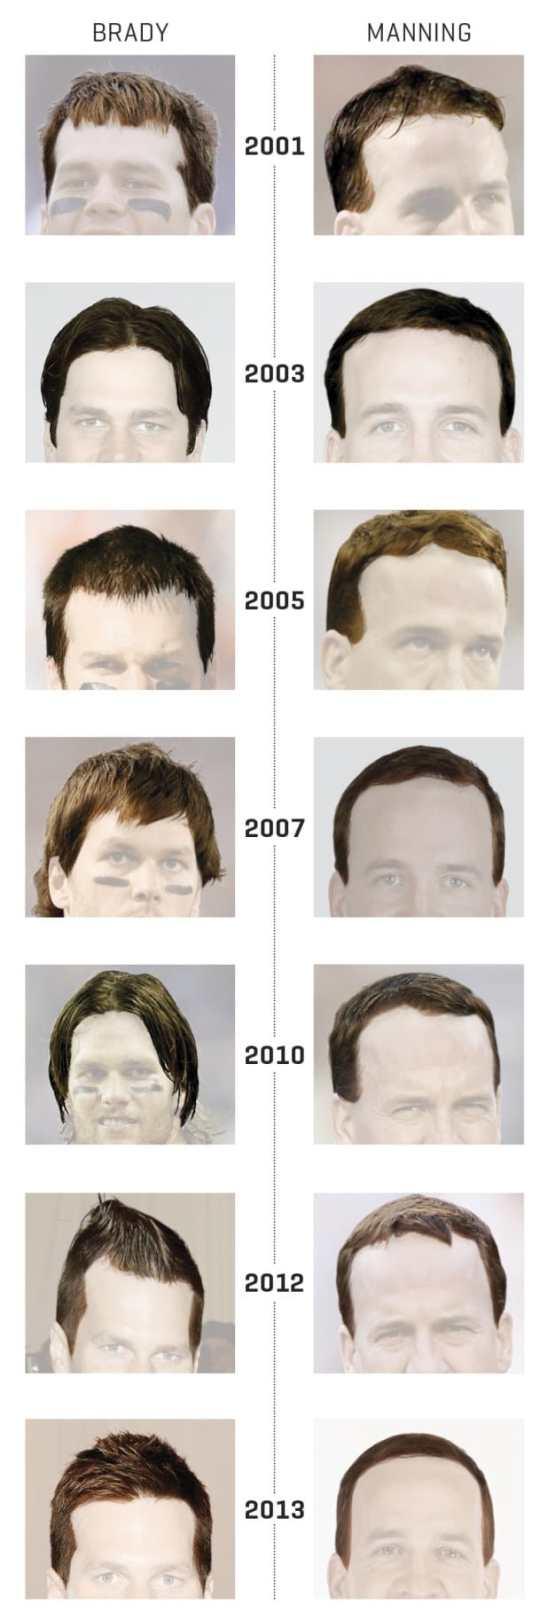 tom-brady-peyton-manning-hair-timeline